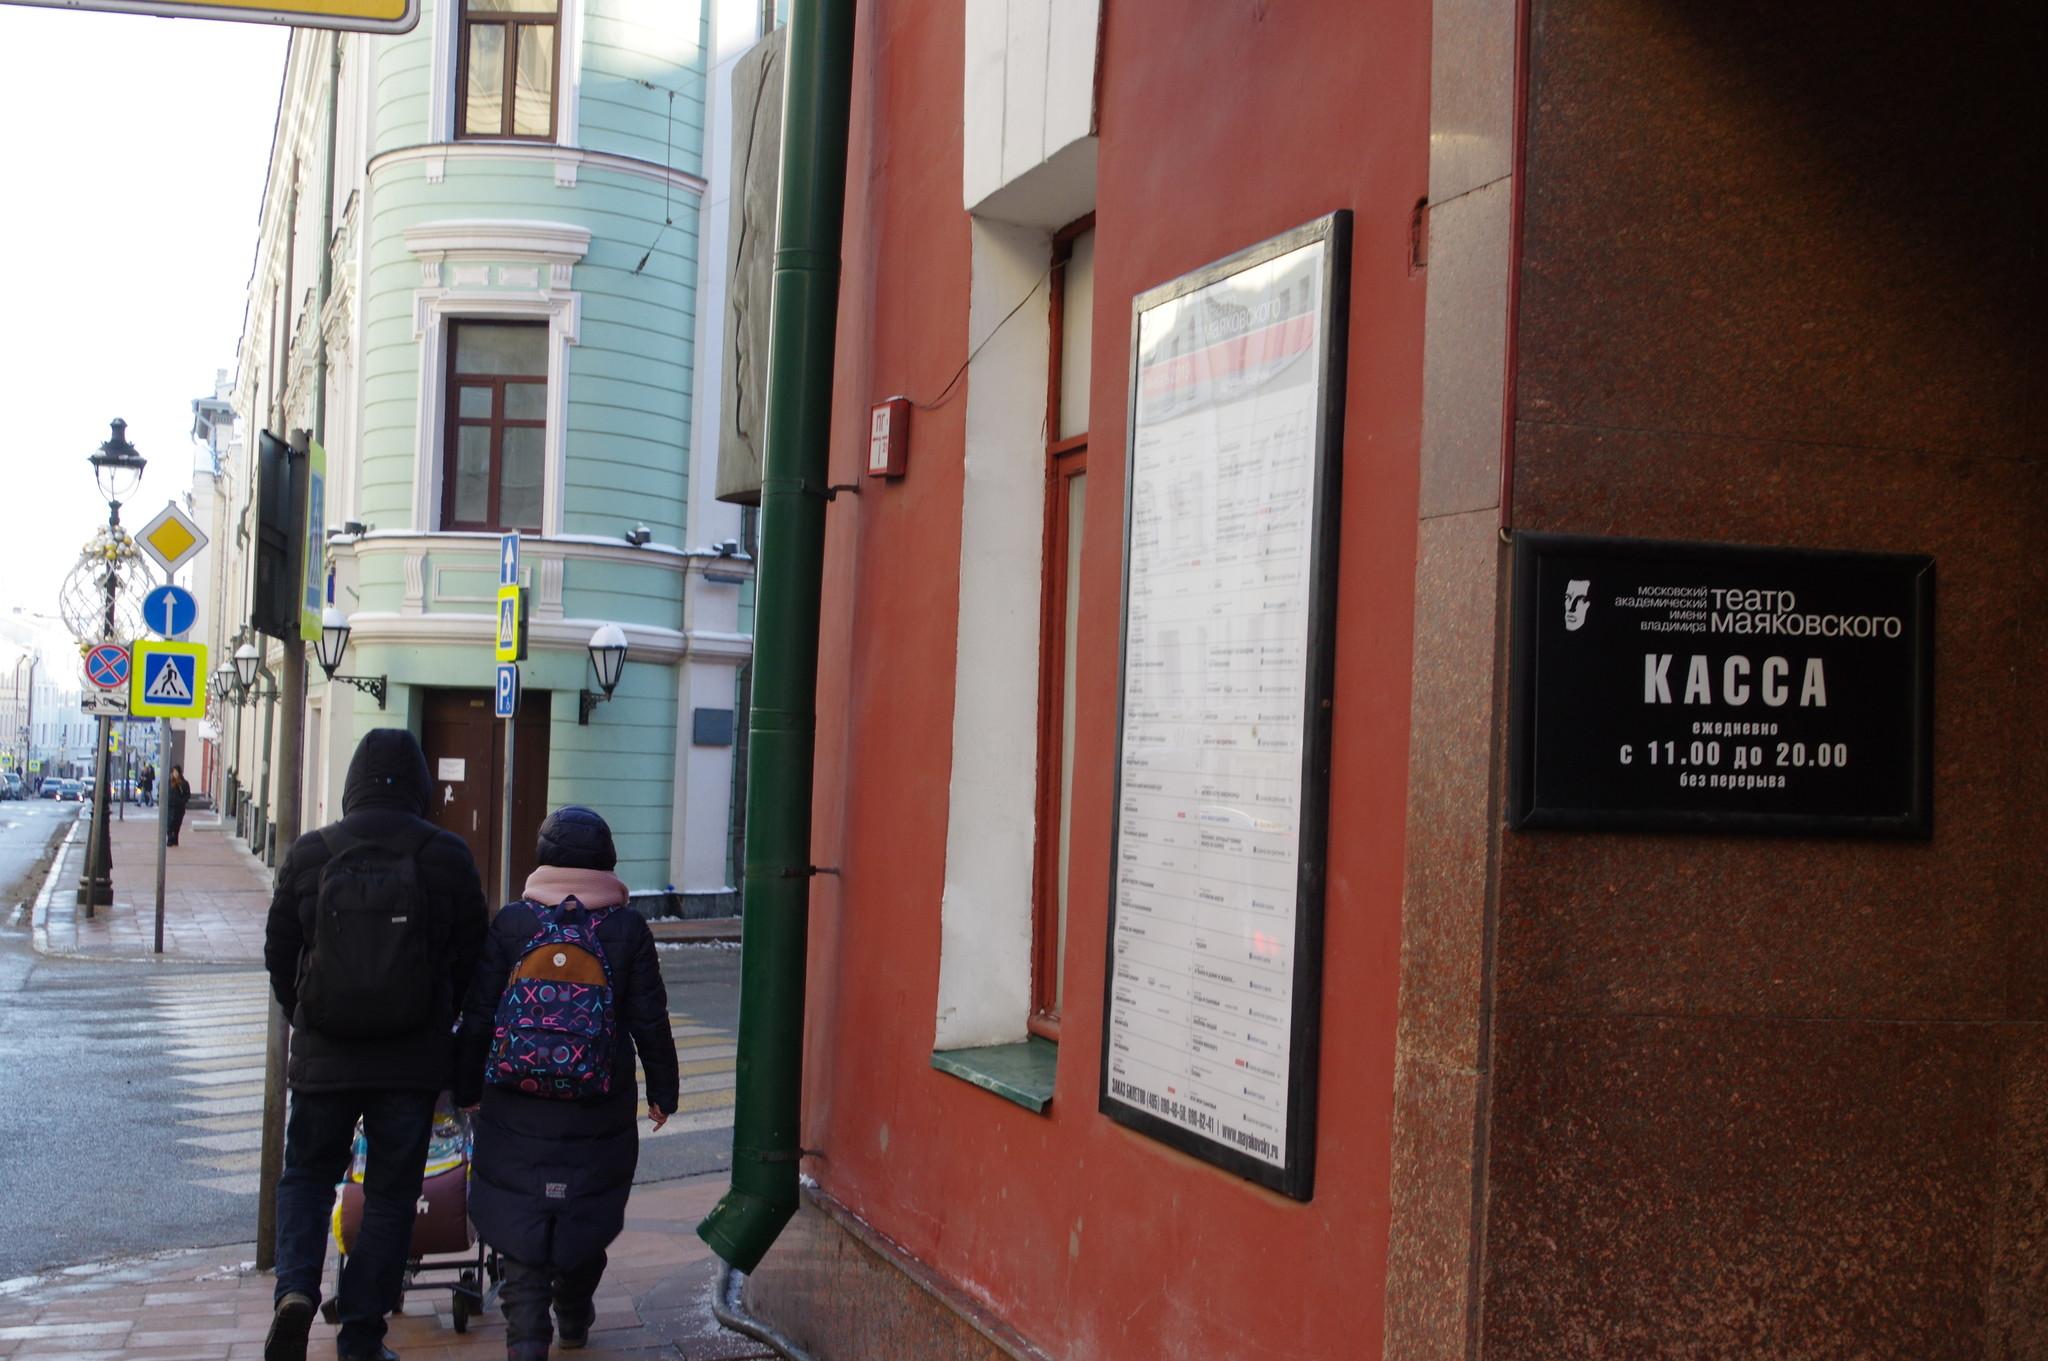 Московский академический театр им. Вл. Маяковского (Большая Никитская улица, дом 19/13)